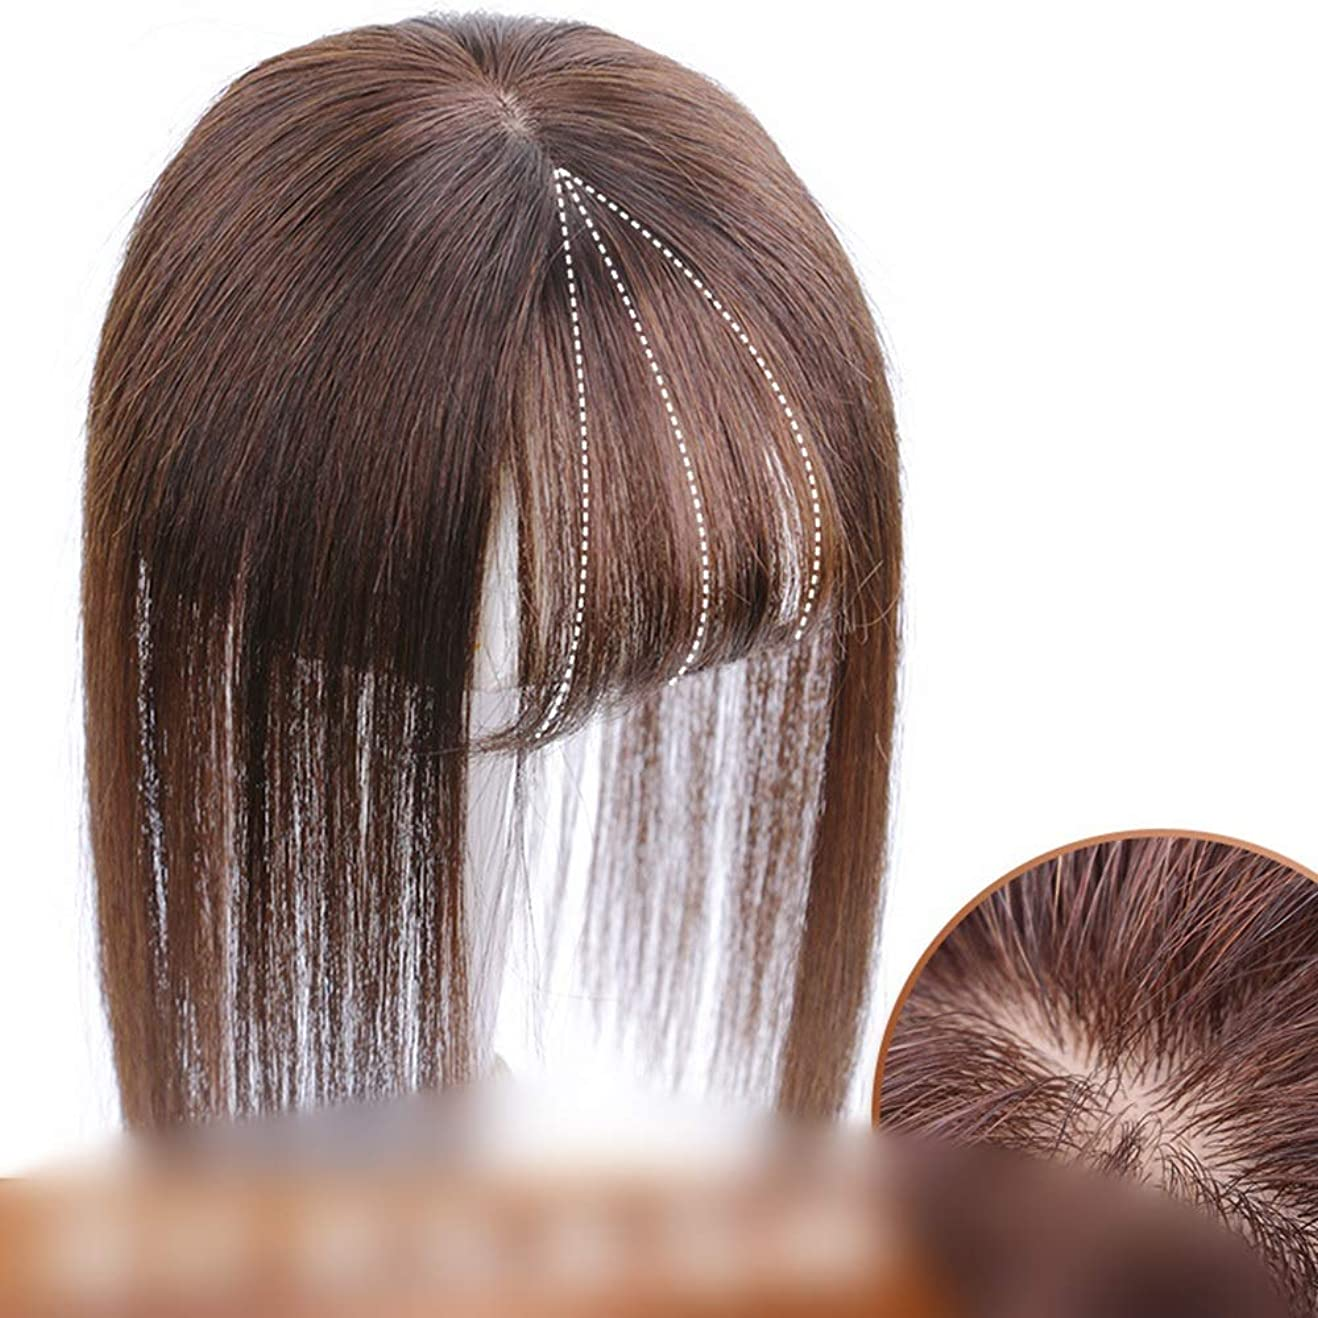 世界記録のギネスブック仕立て屋相互BOBIDYEE 空気前髪かつら女性ストレートヘアエクステンション複合ヘアレースかつらロールプレイングかつらロングとショート女性自然 (色 : [9x14] 30cm natural black)